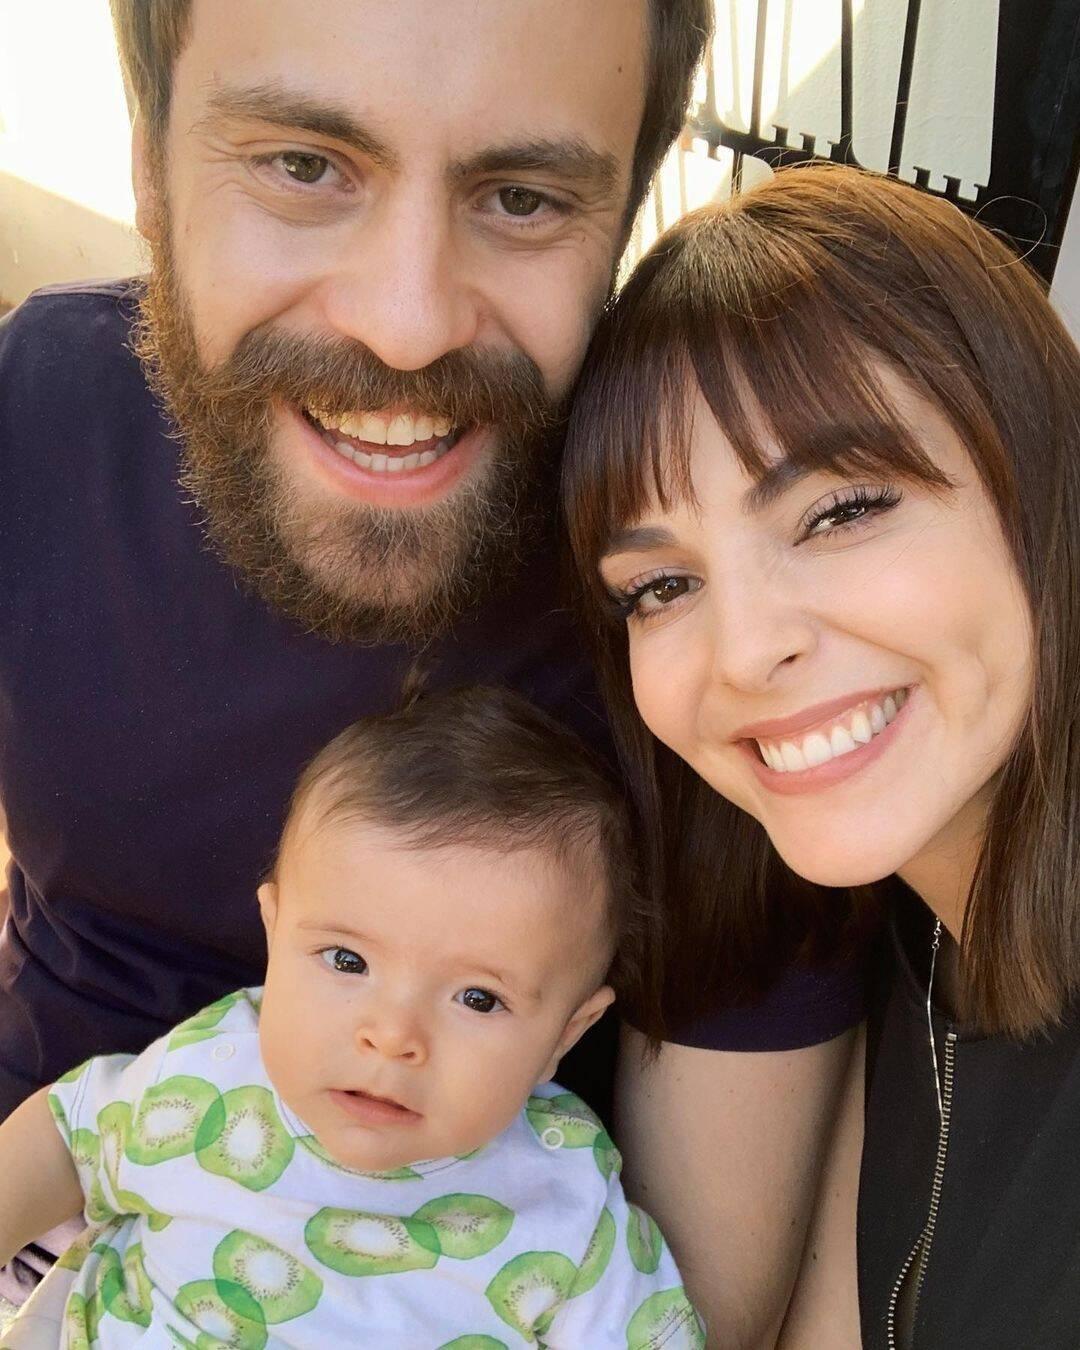 O pequeno Beijamin é o primeiro filho do casal Titi Muller e Tomás Bertoni. A apresentadora e o músico ganharam bebê em junho, após Titi passar 30 horas em trabalho de parto! (Foto: Instagram)